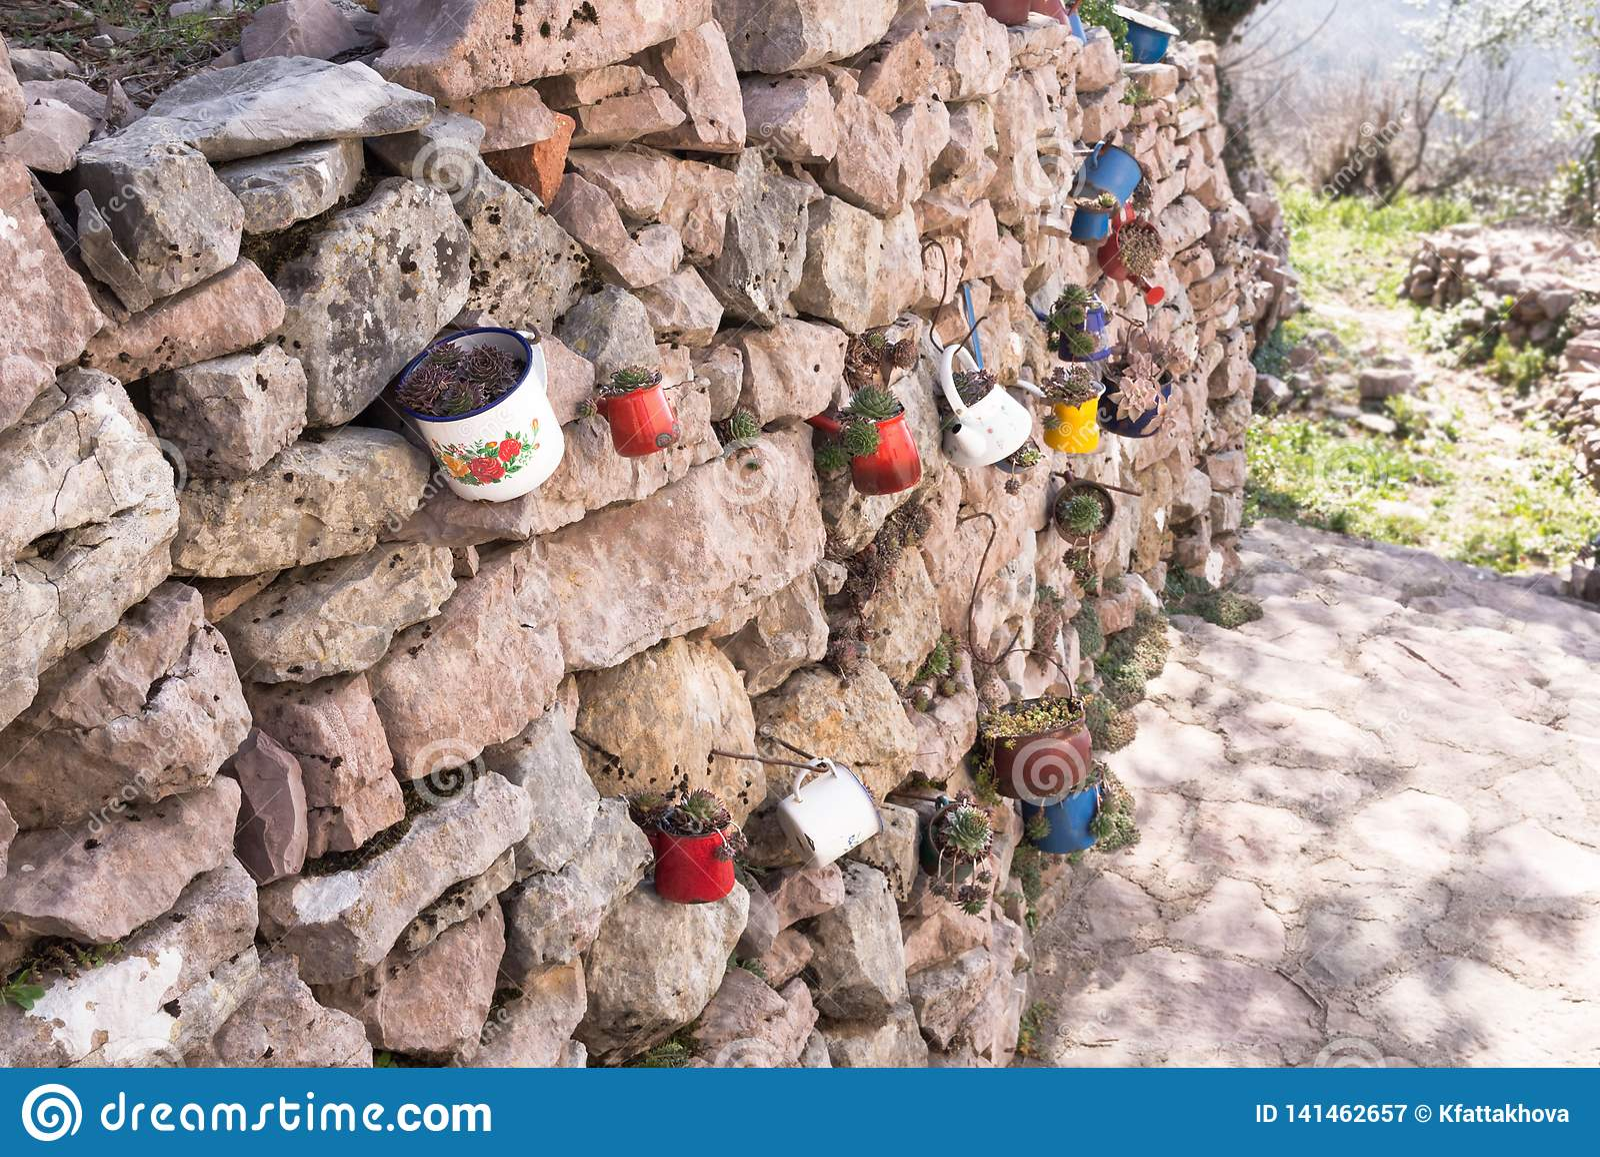 Decoratie van de steenmuur van de tuin met ijzermokken, ijzerwerktuigen met bloemen Zonnige dag